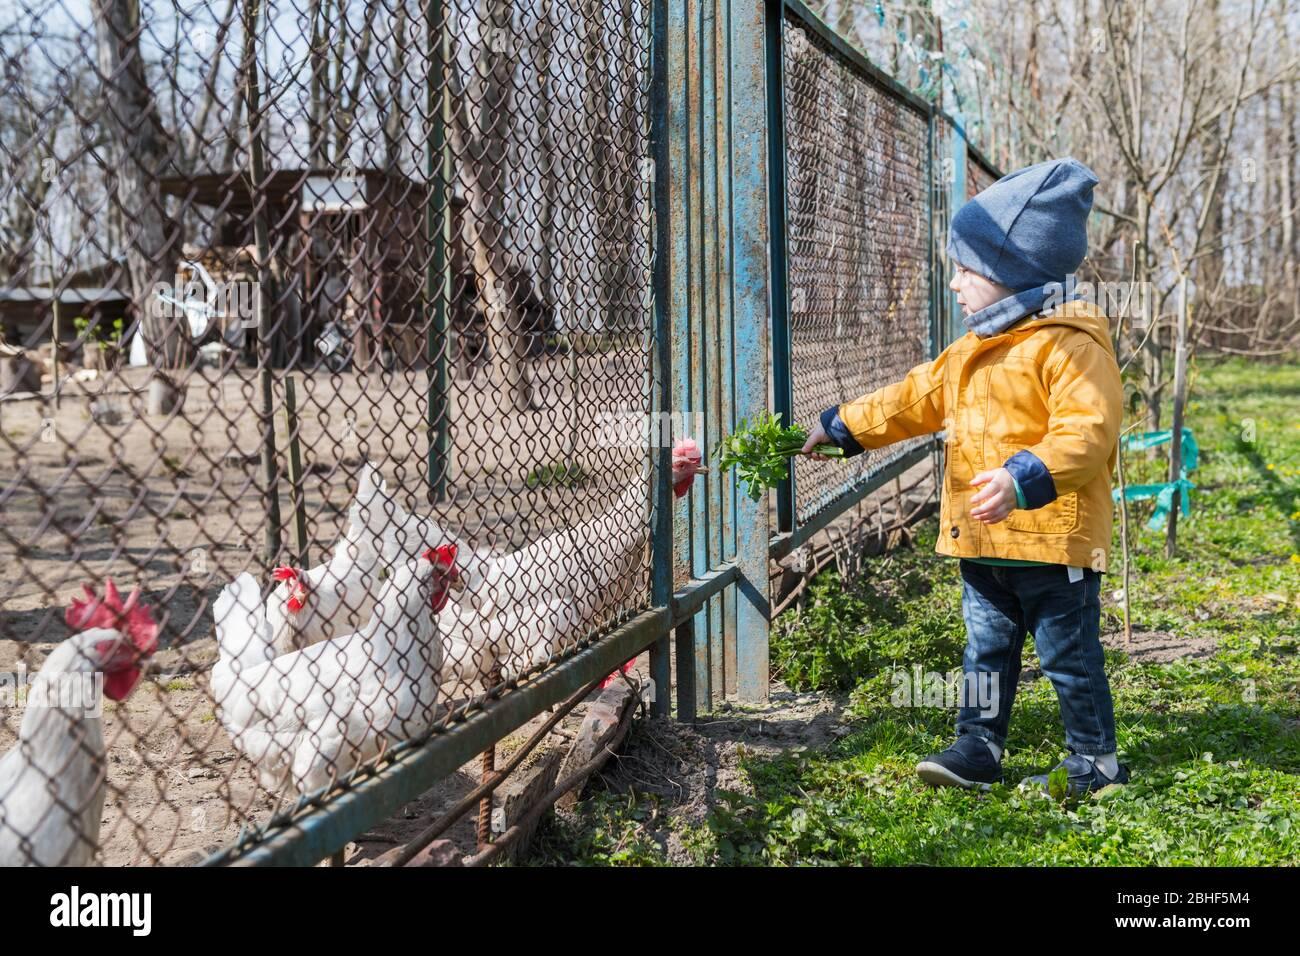 El niño alimenta a los pollos a través de la rallera en el jardín de primavera Foto de stock